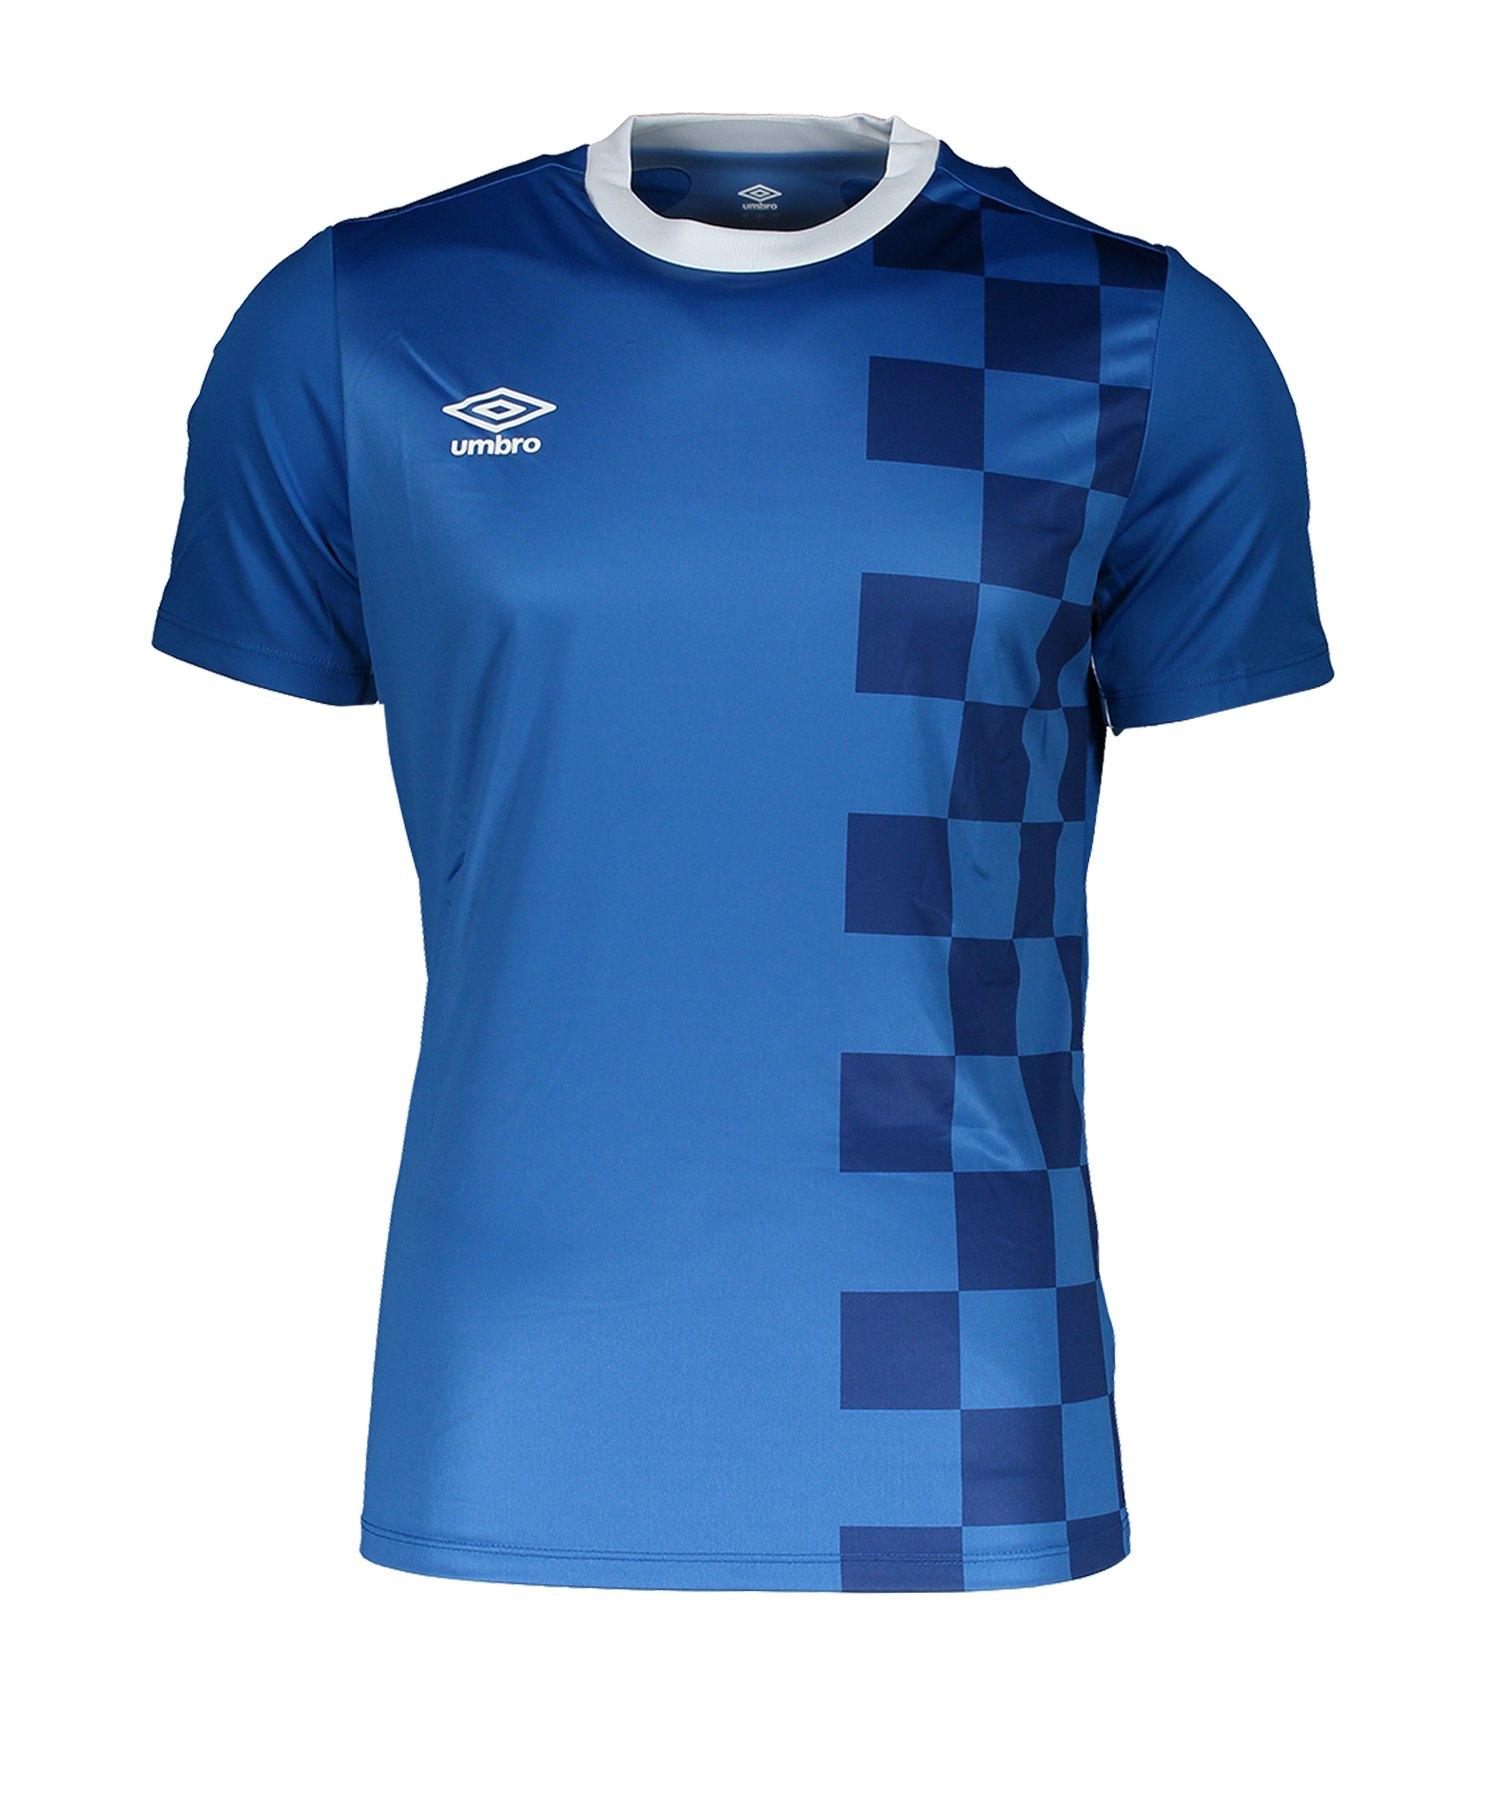 Umbro Stadion T-Shirt Blau FDX4 - Blau